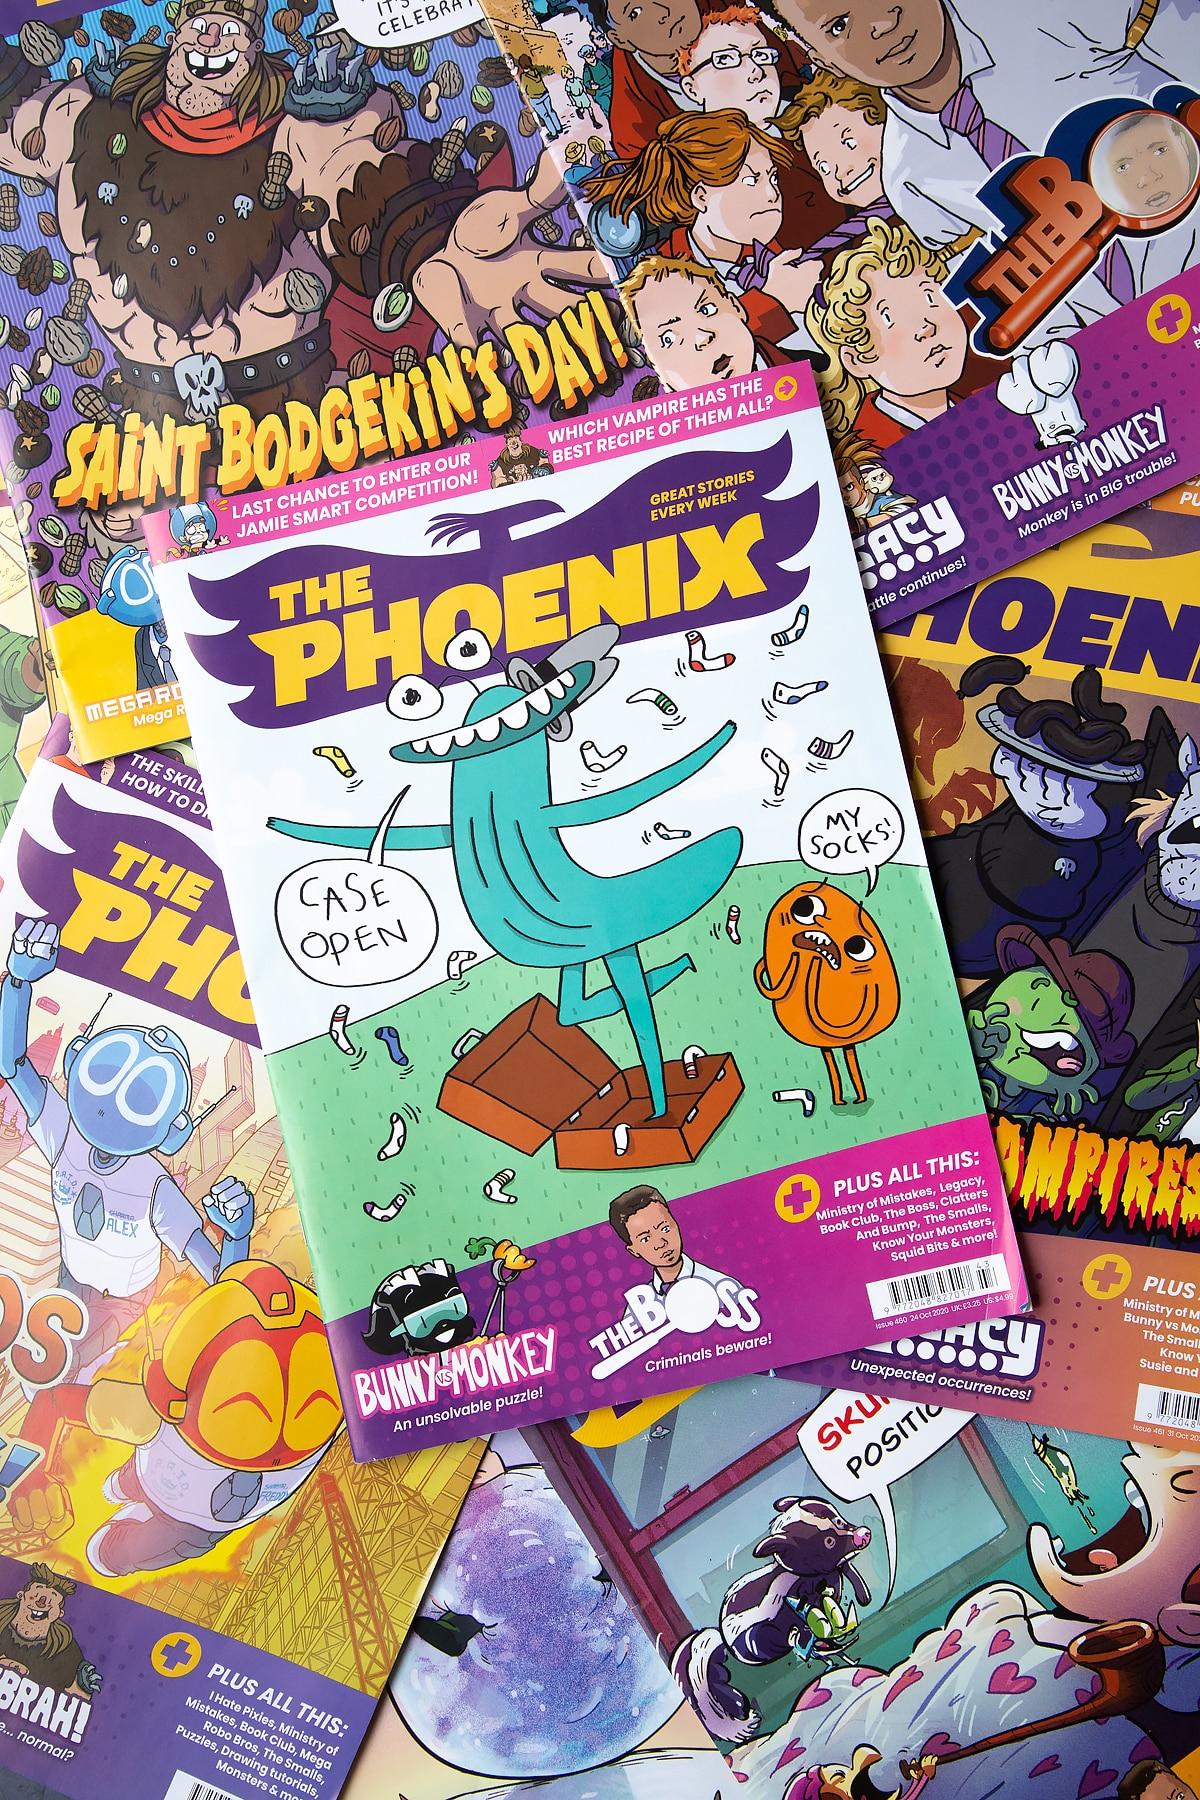 The Phoenix magazine on top of other Phoenix magazines.